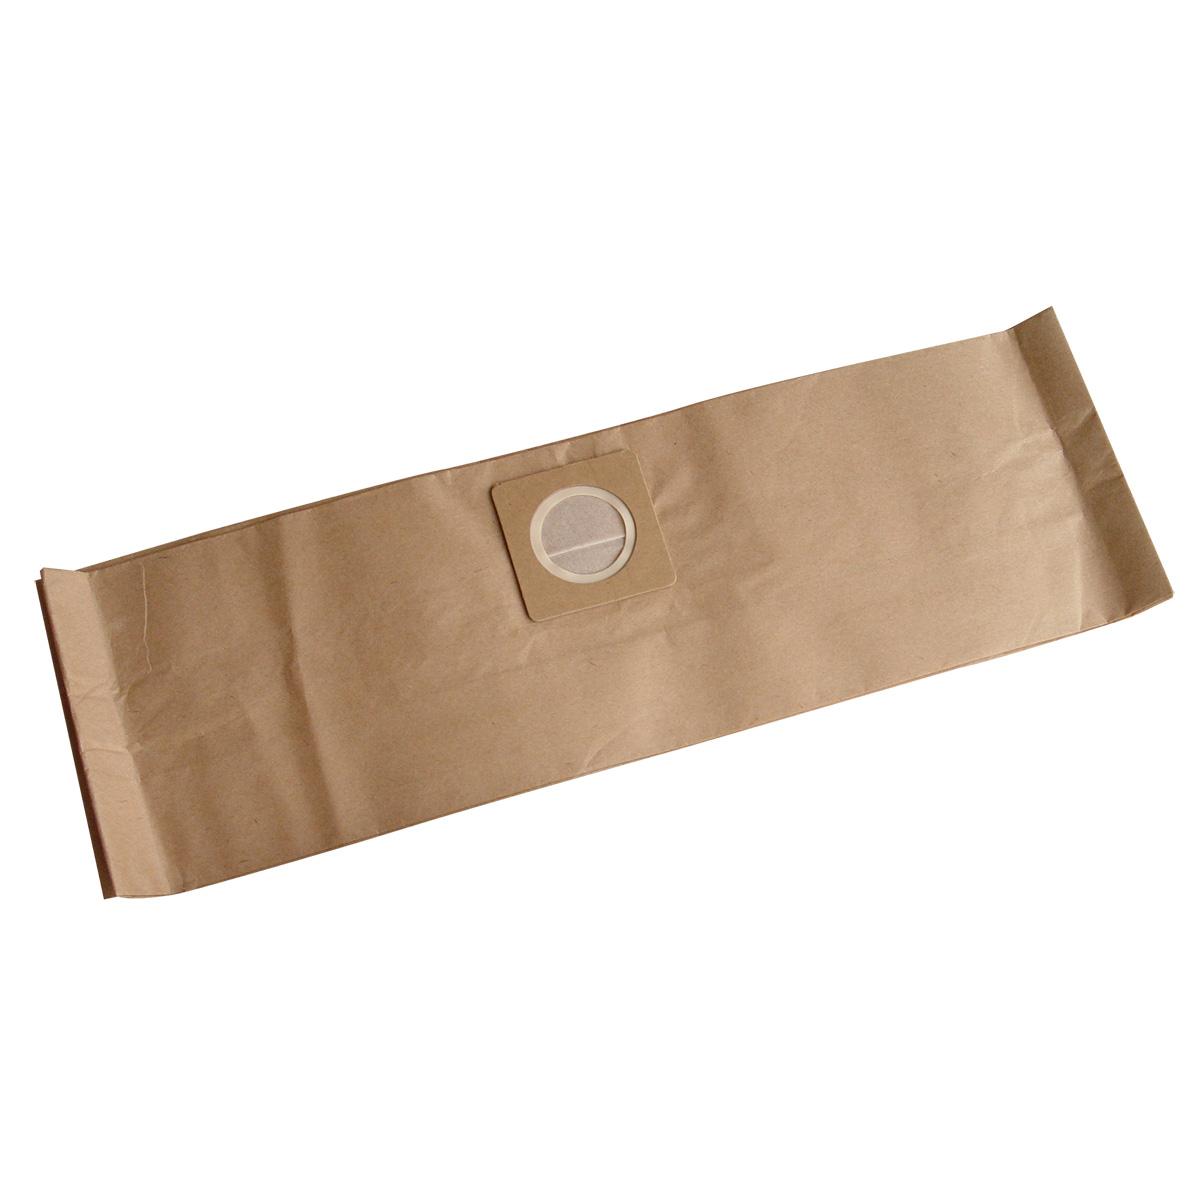 小狗吸尘器配件高效纸袋D-889专用